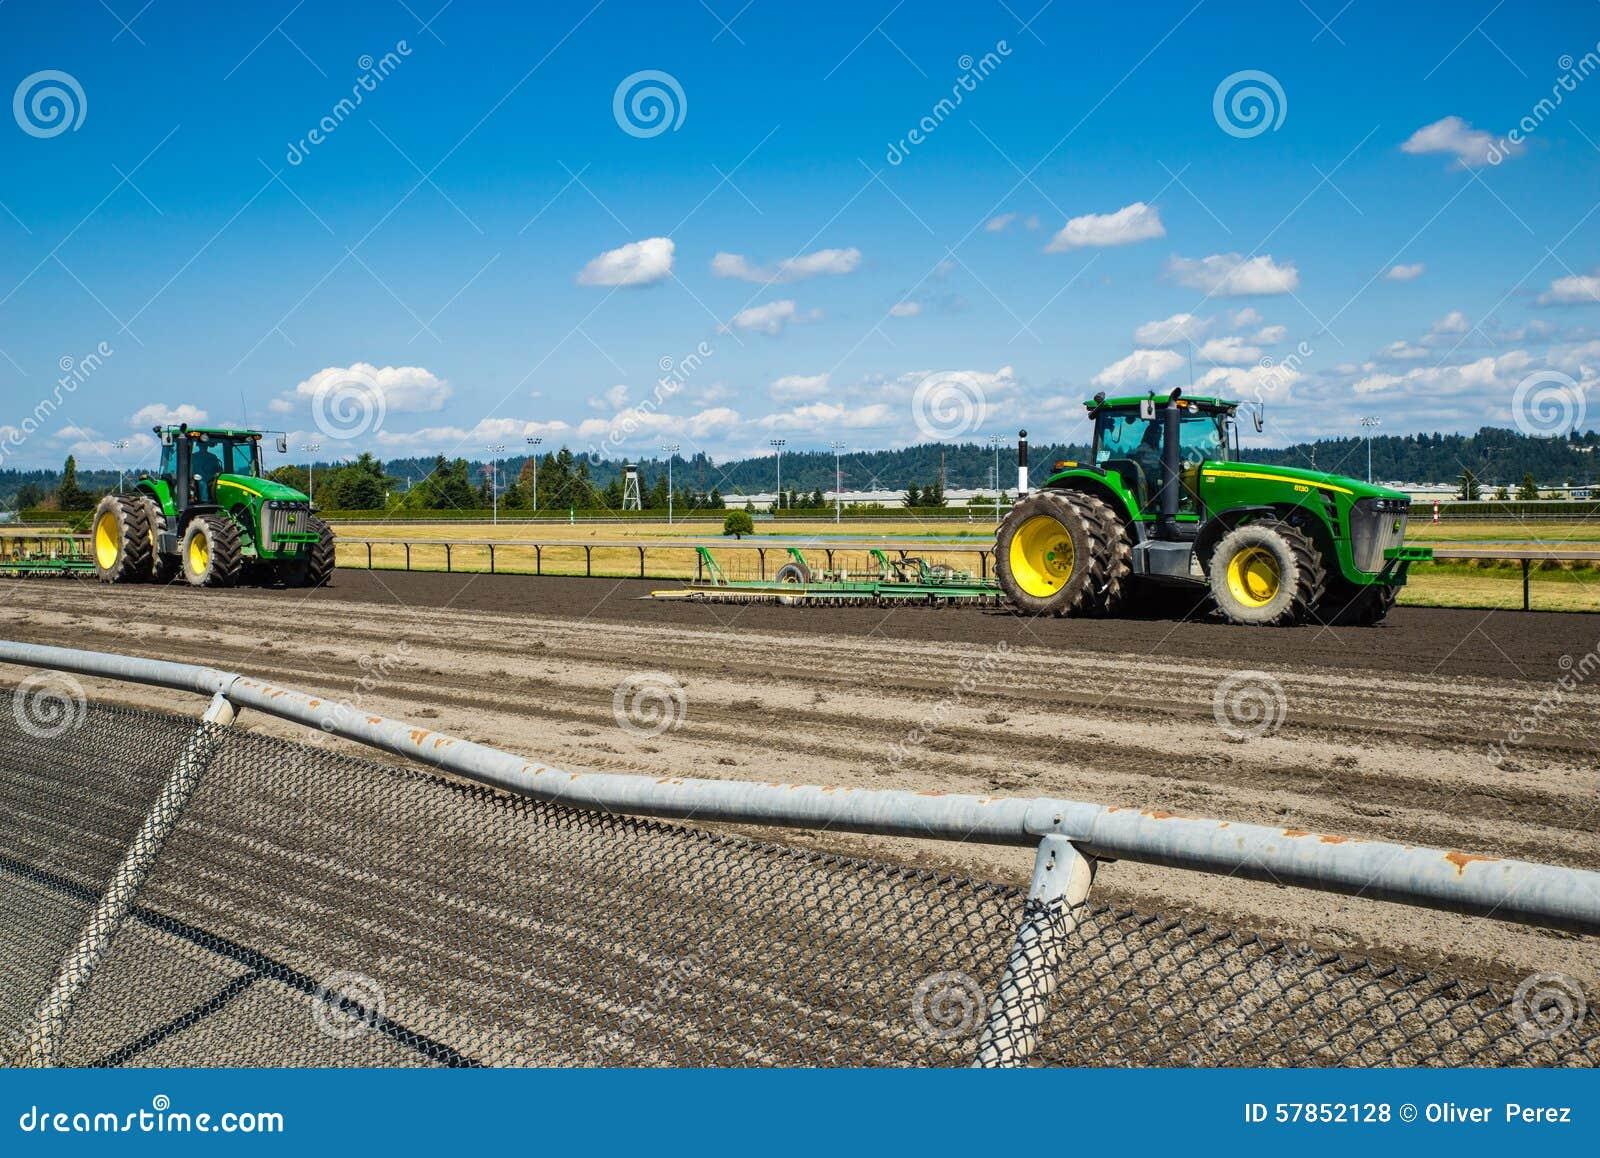 Tractores en circuito de carreras del caballo